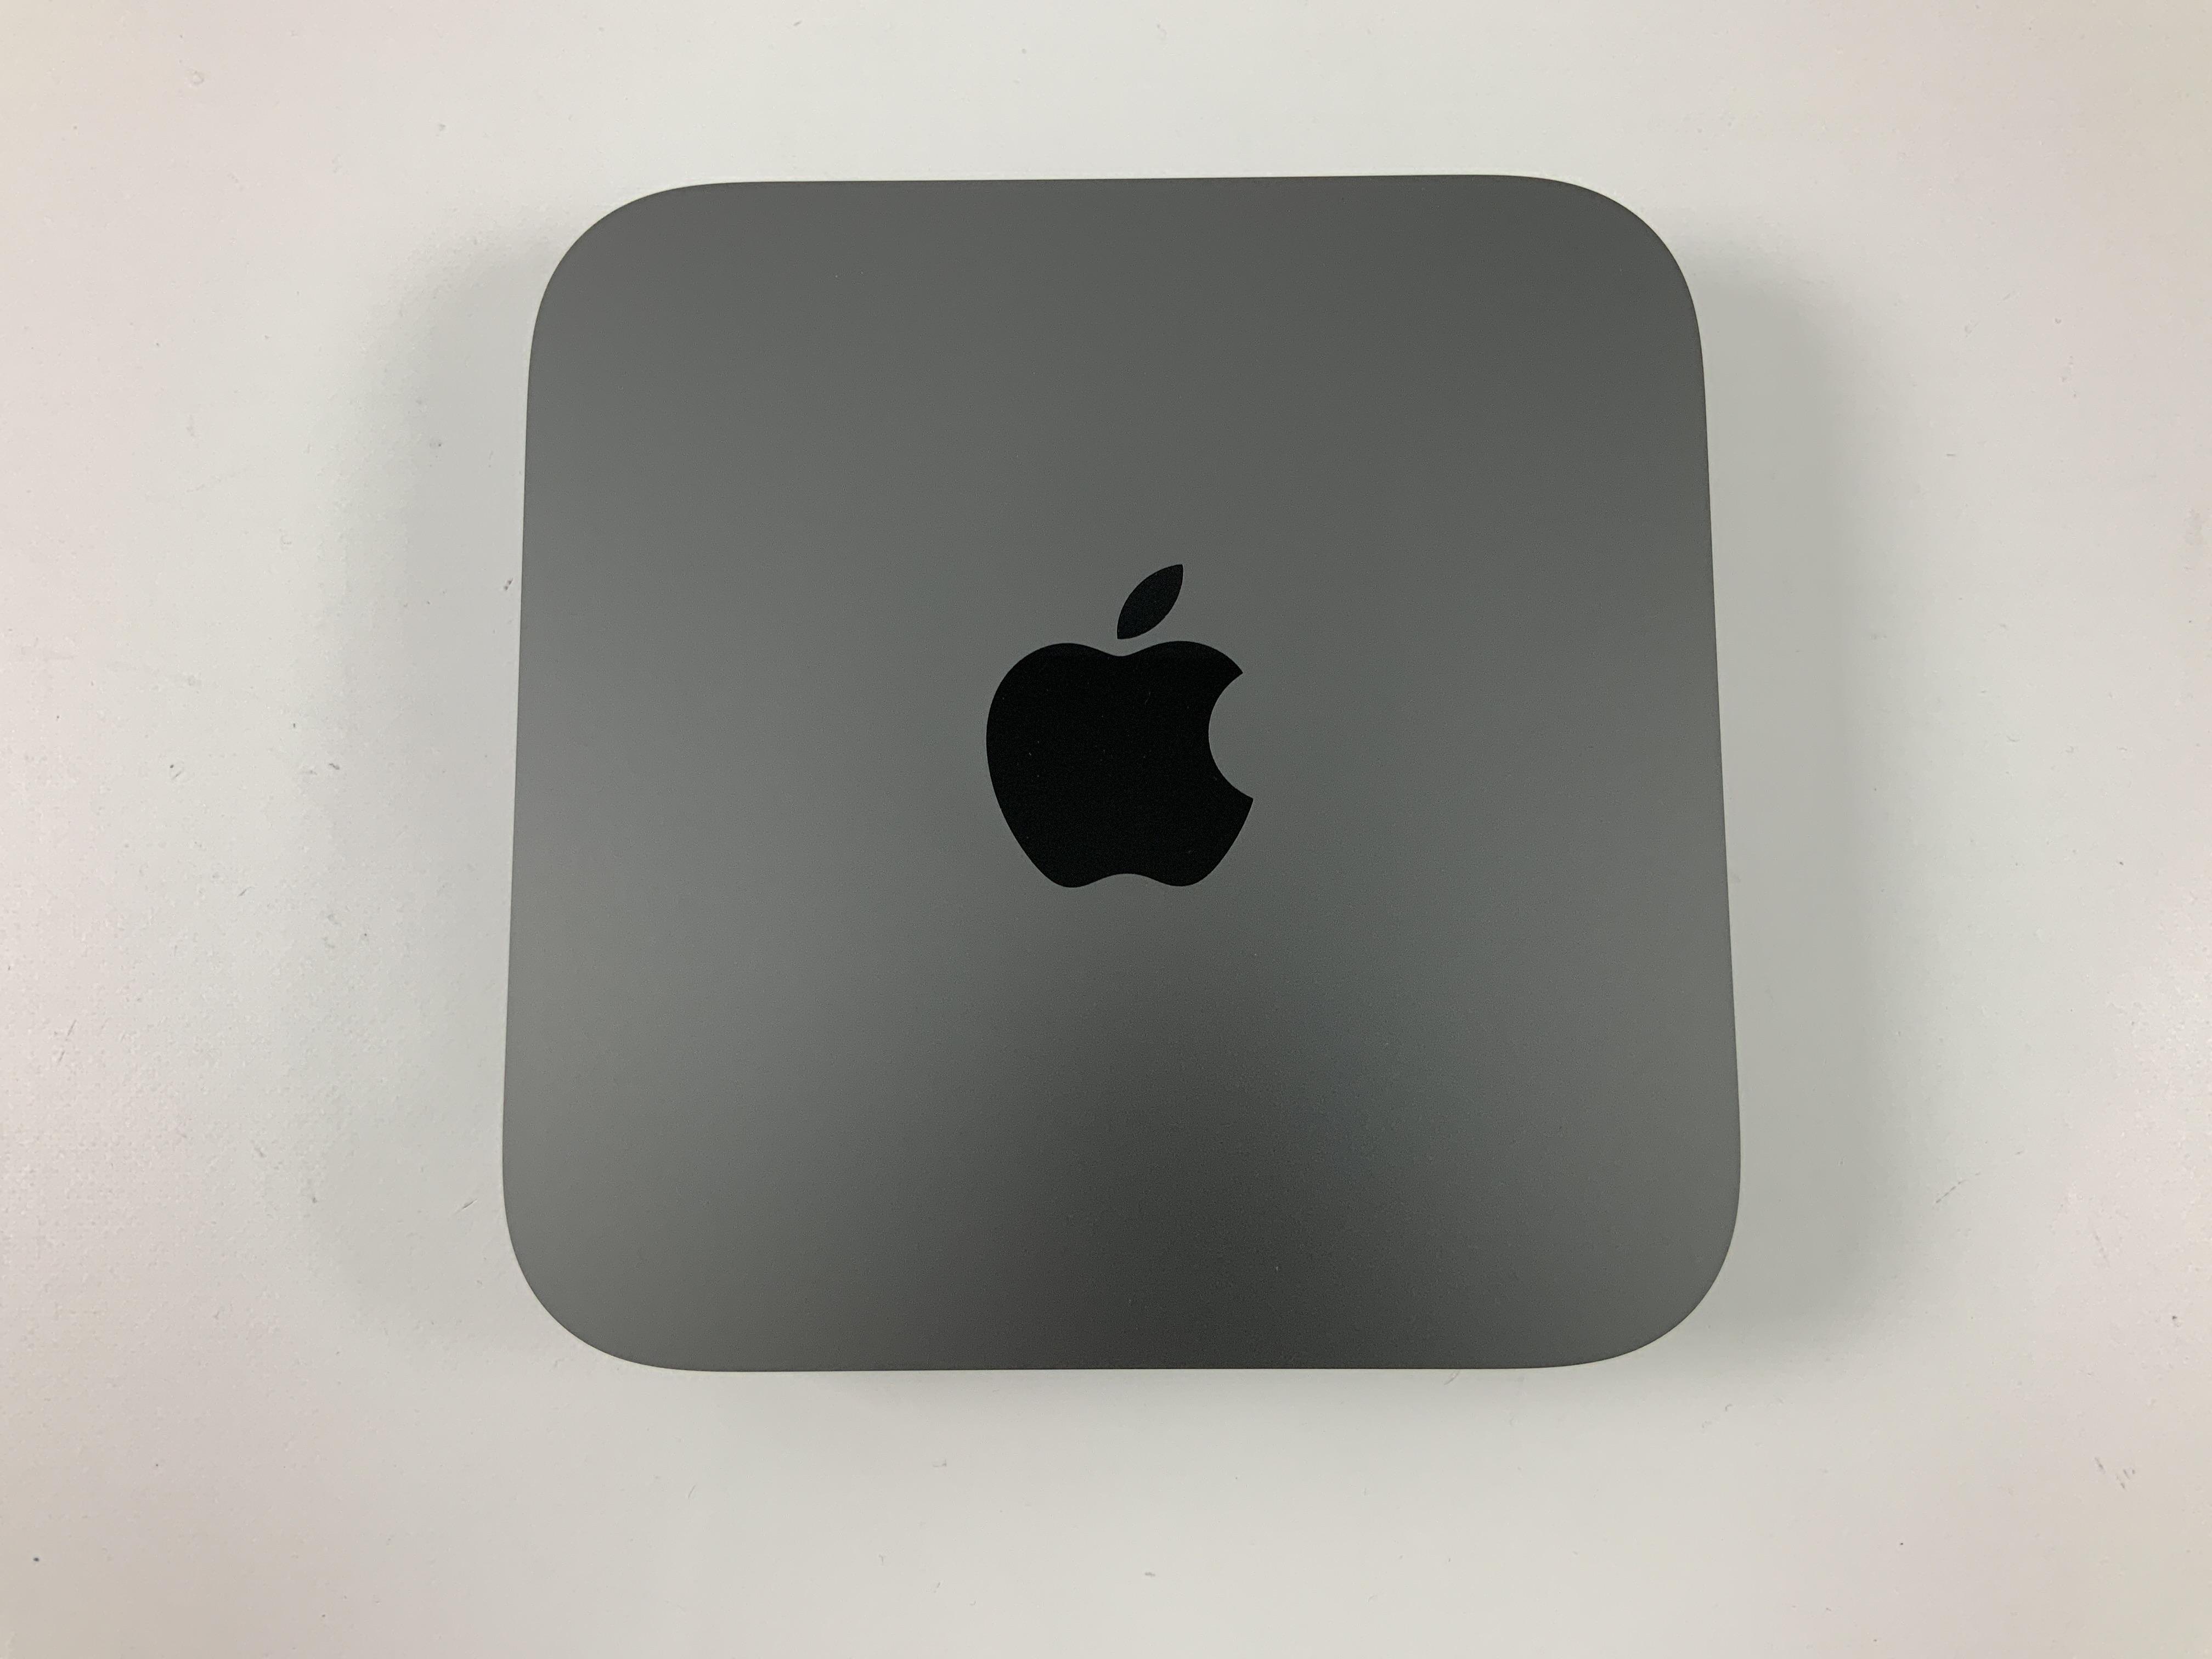 Mac Mini Late 2018 (Intel Quad-Core i3 3.6 GHz 32 GB RAM 256 GB SSD), Intel Quad-Core i3 3.6 GHz, 32 GB RAM, 256 GB SSD, obraz 1